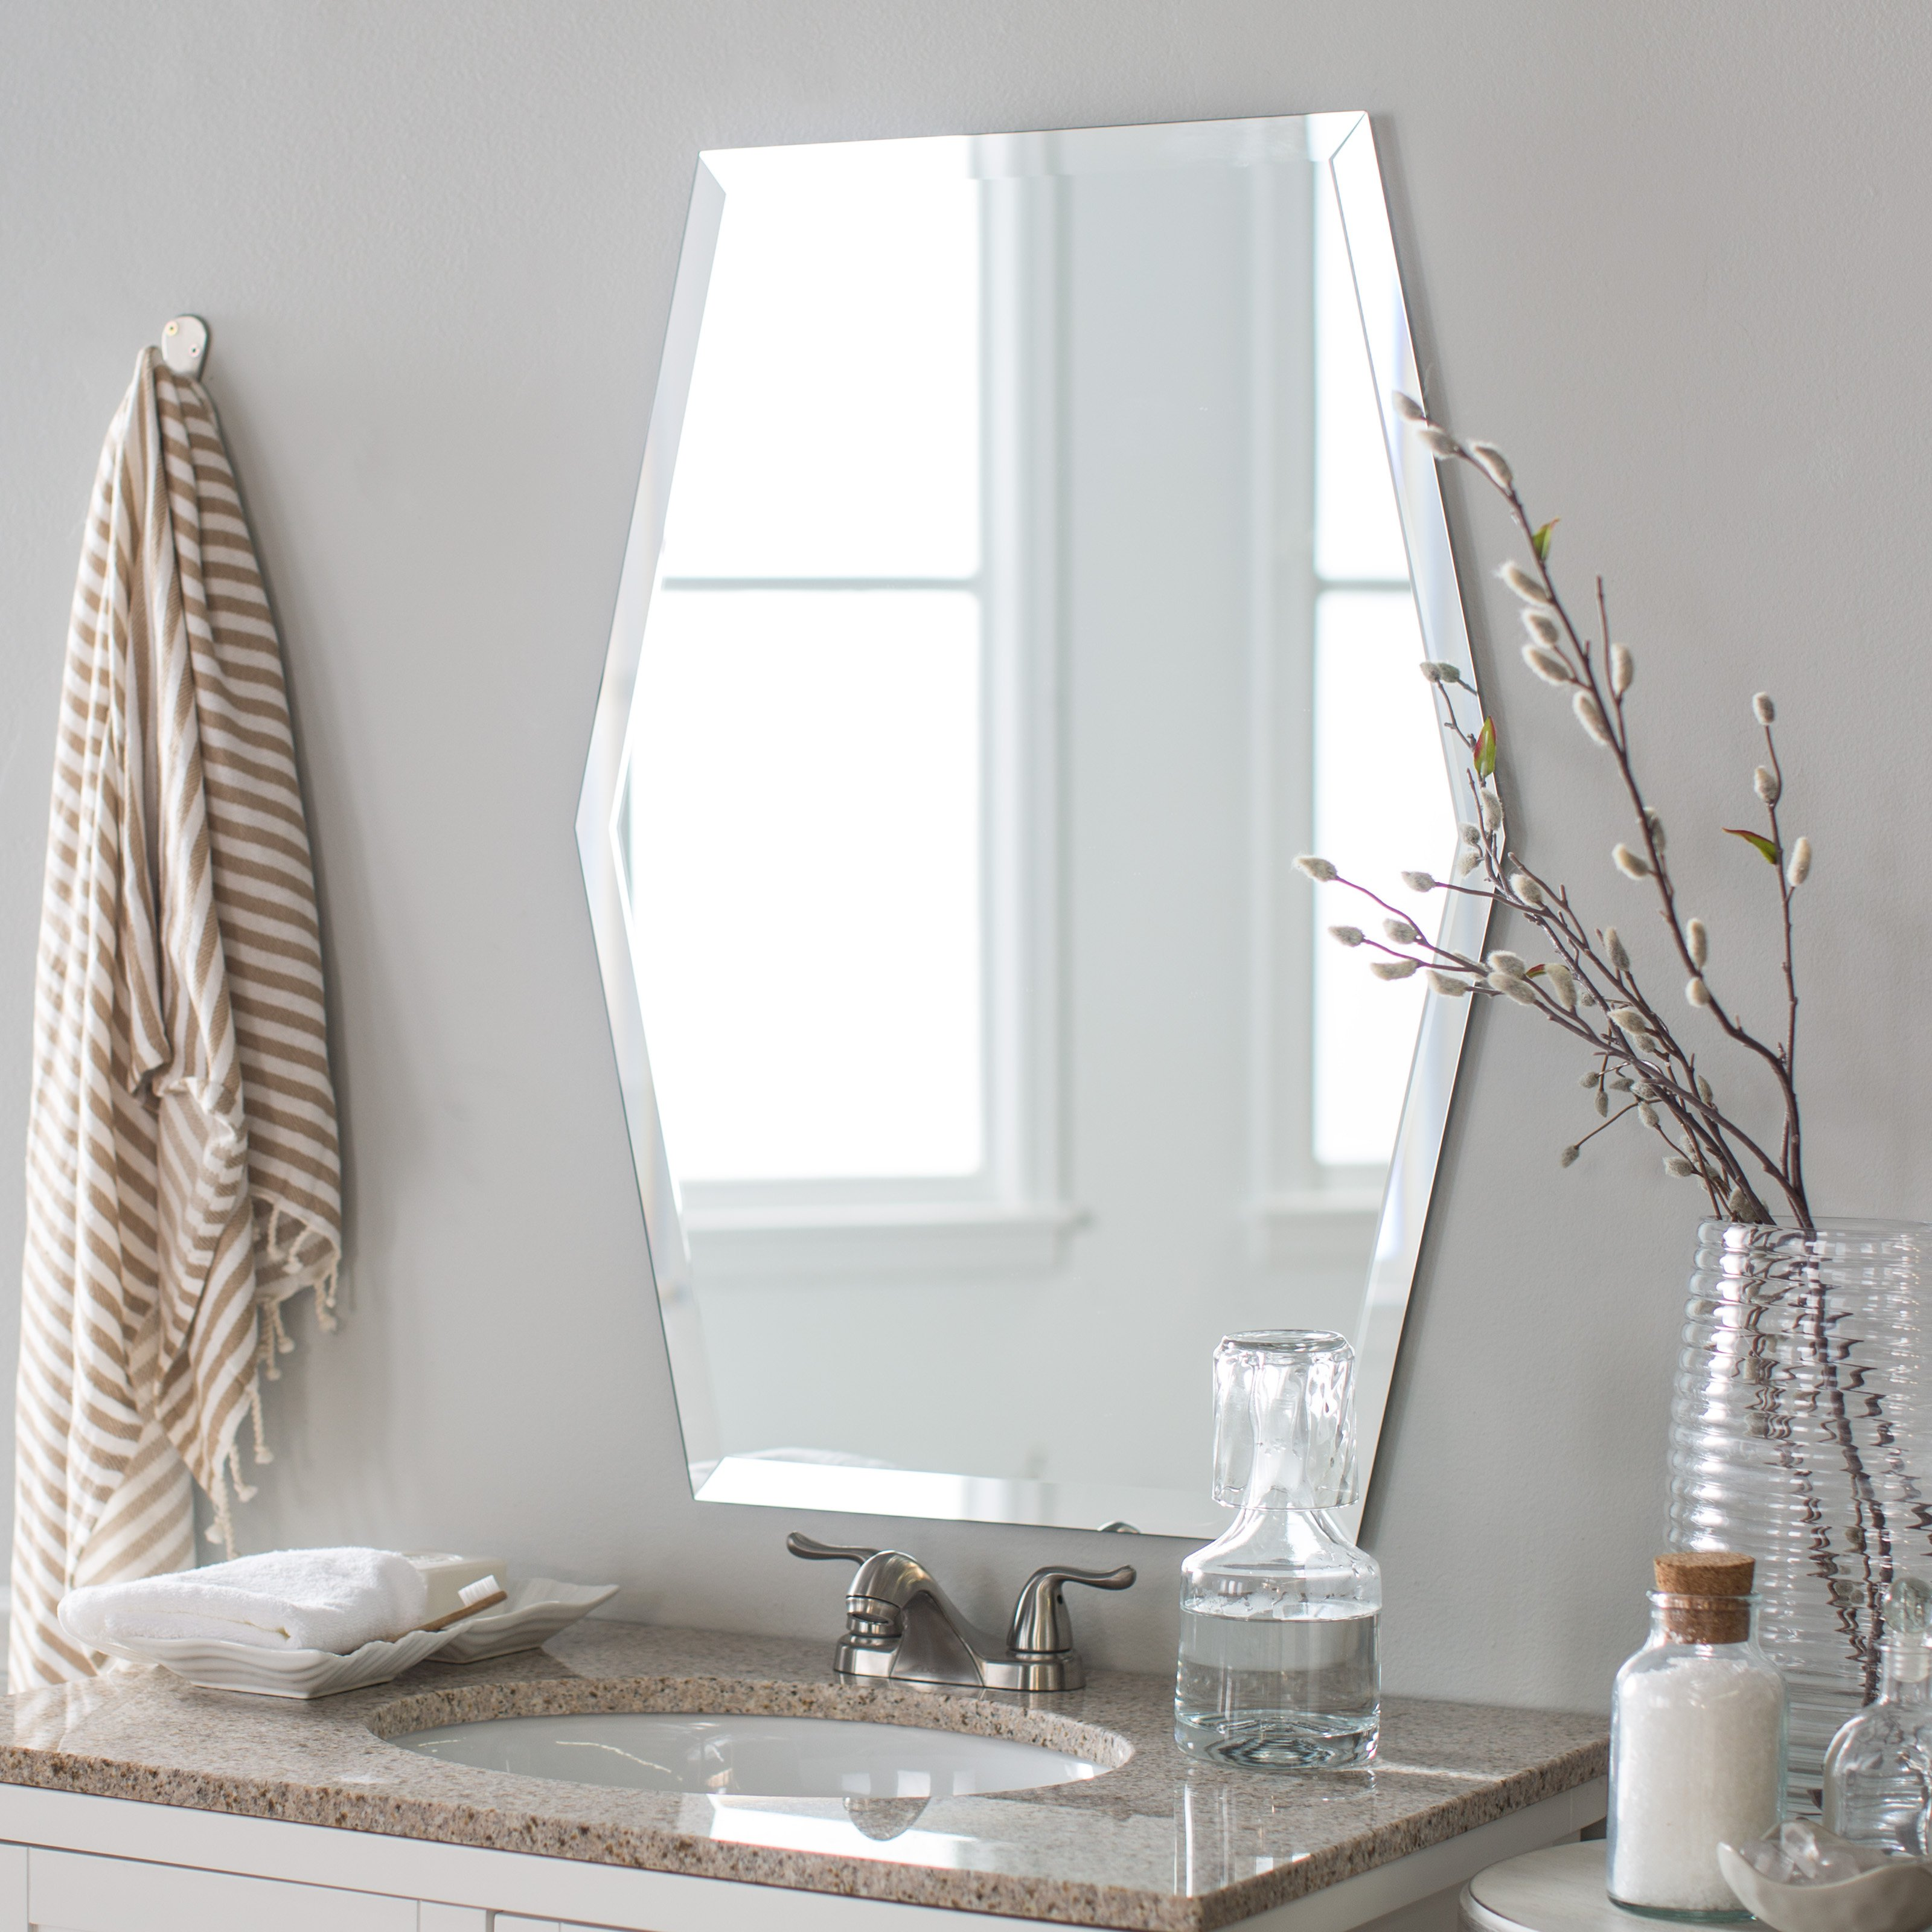 Decor Wonderland Century Modern Bathroom Mirror 23W x 31H in. by